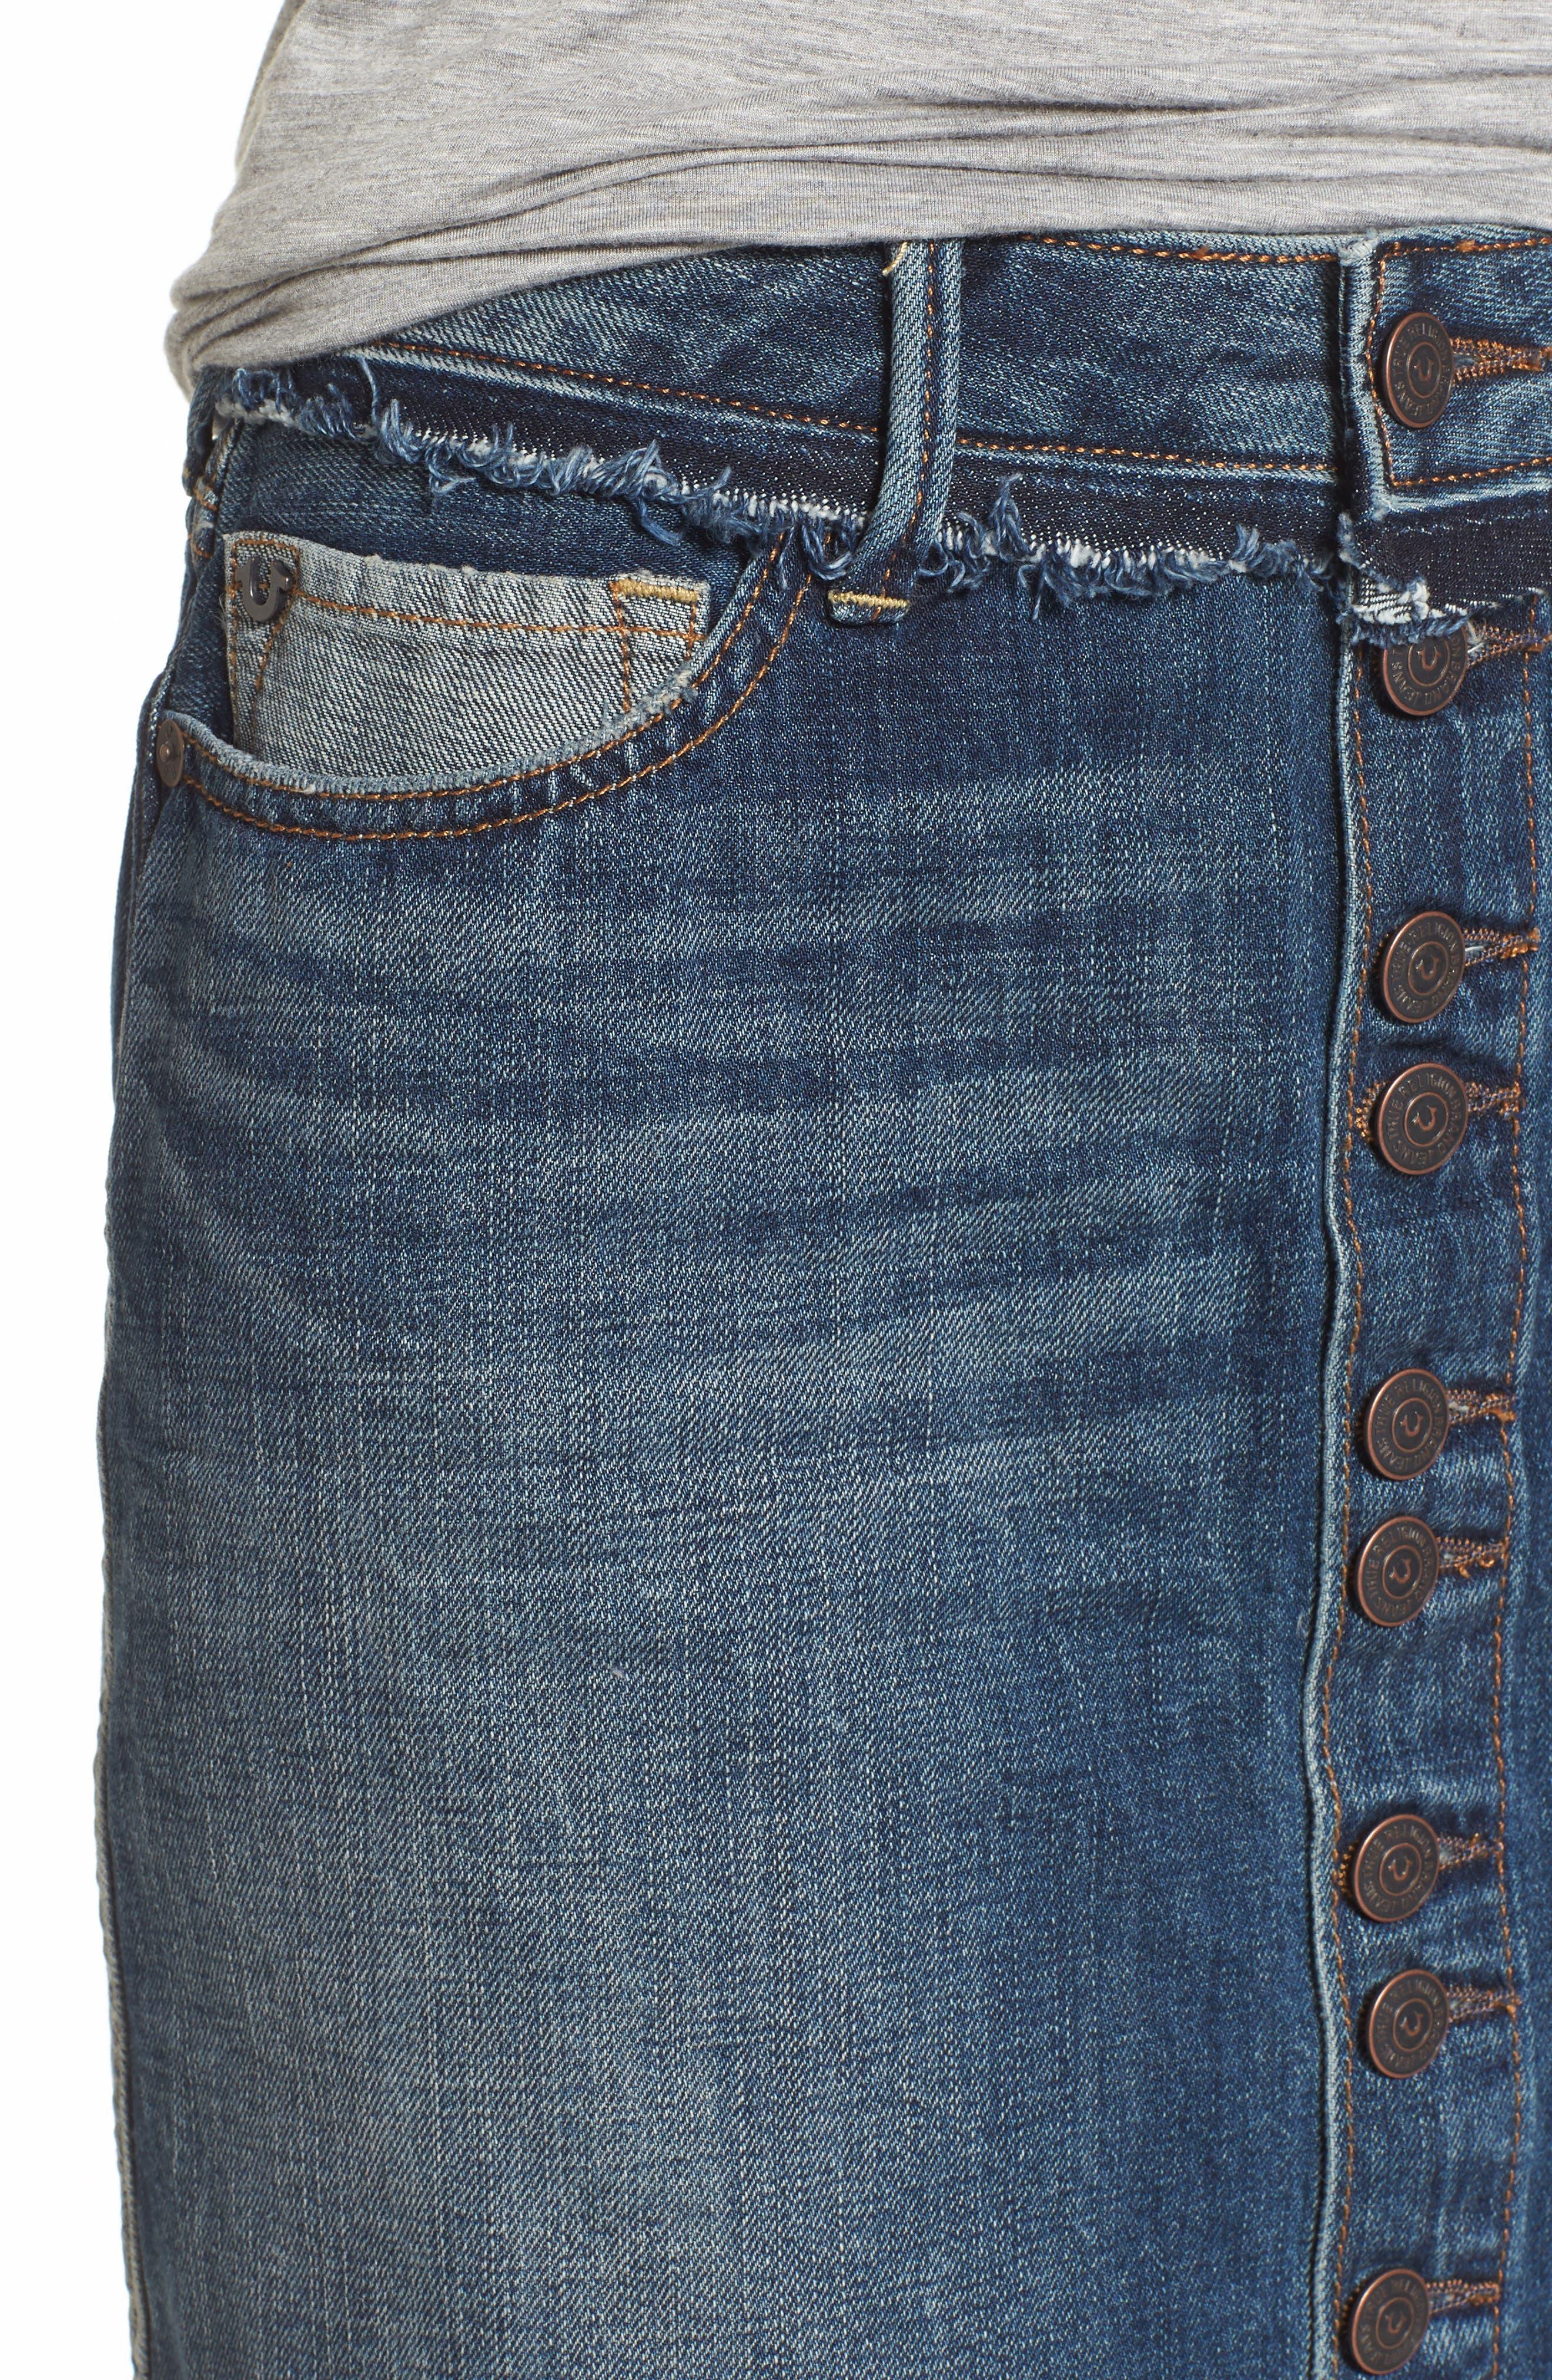 Deconstructed Denim Skirt,                             Alternate thumbnail 4, color,                             401